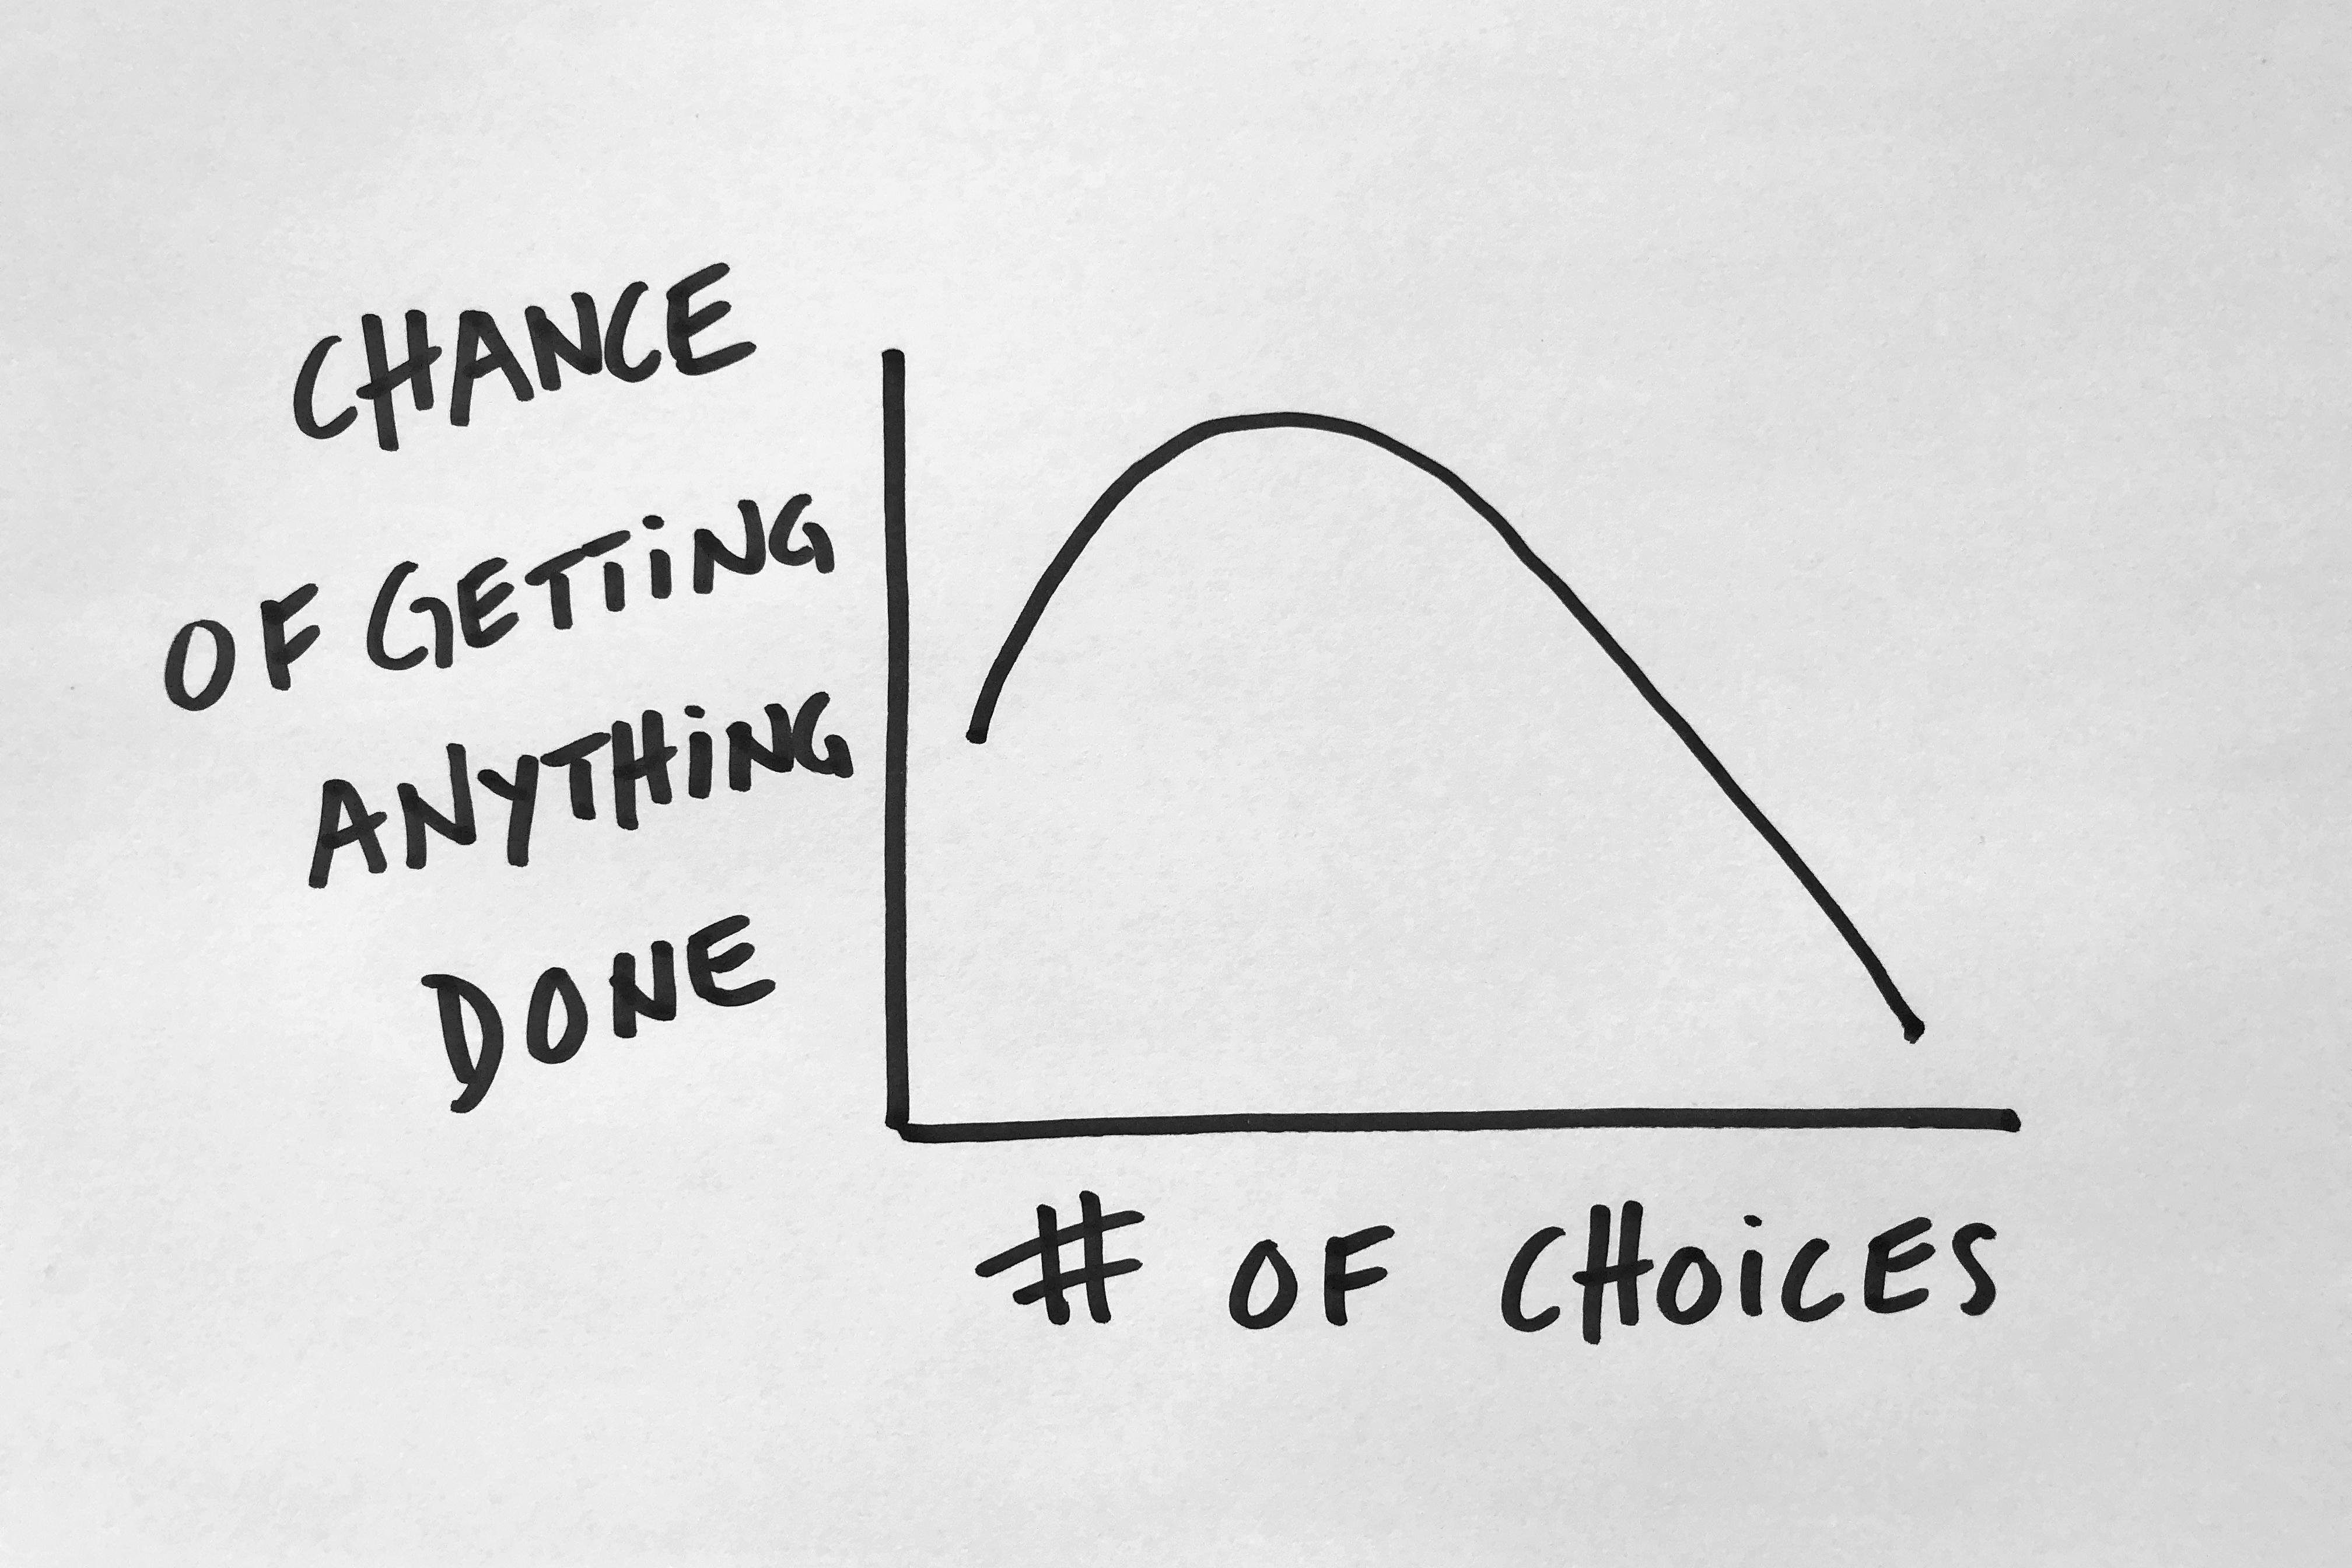 Det er nemt at give valgmulighederne skylden.